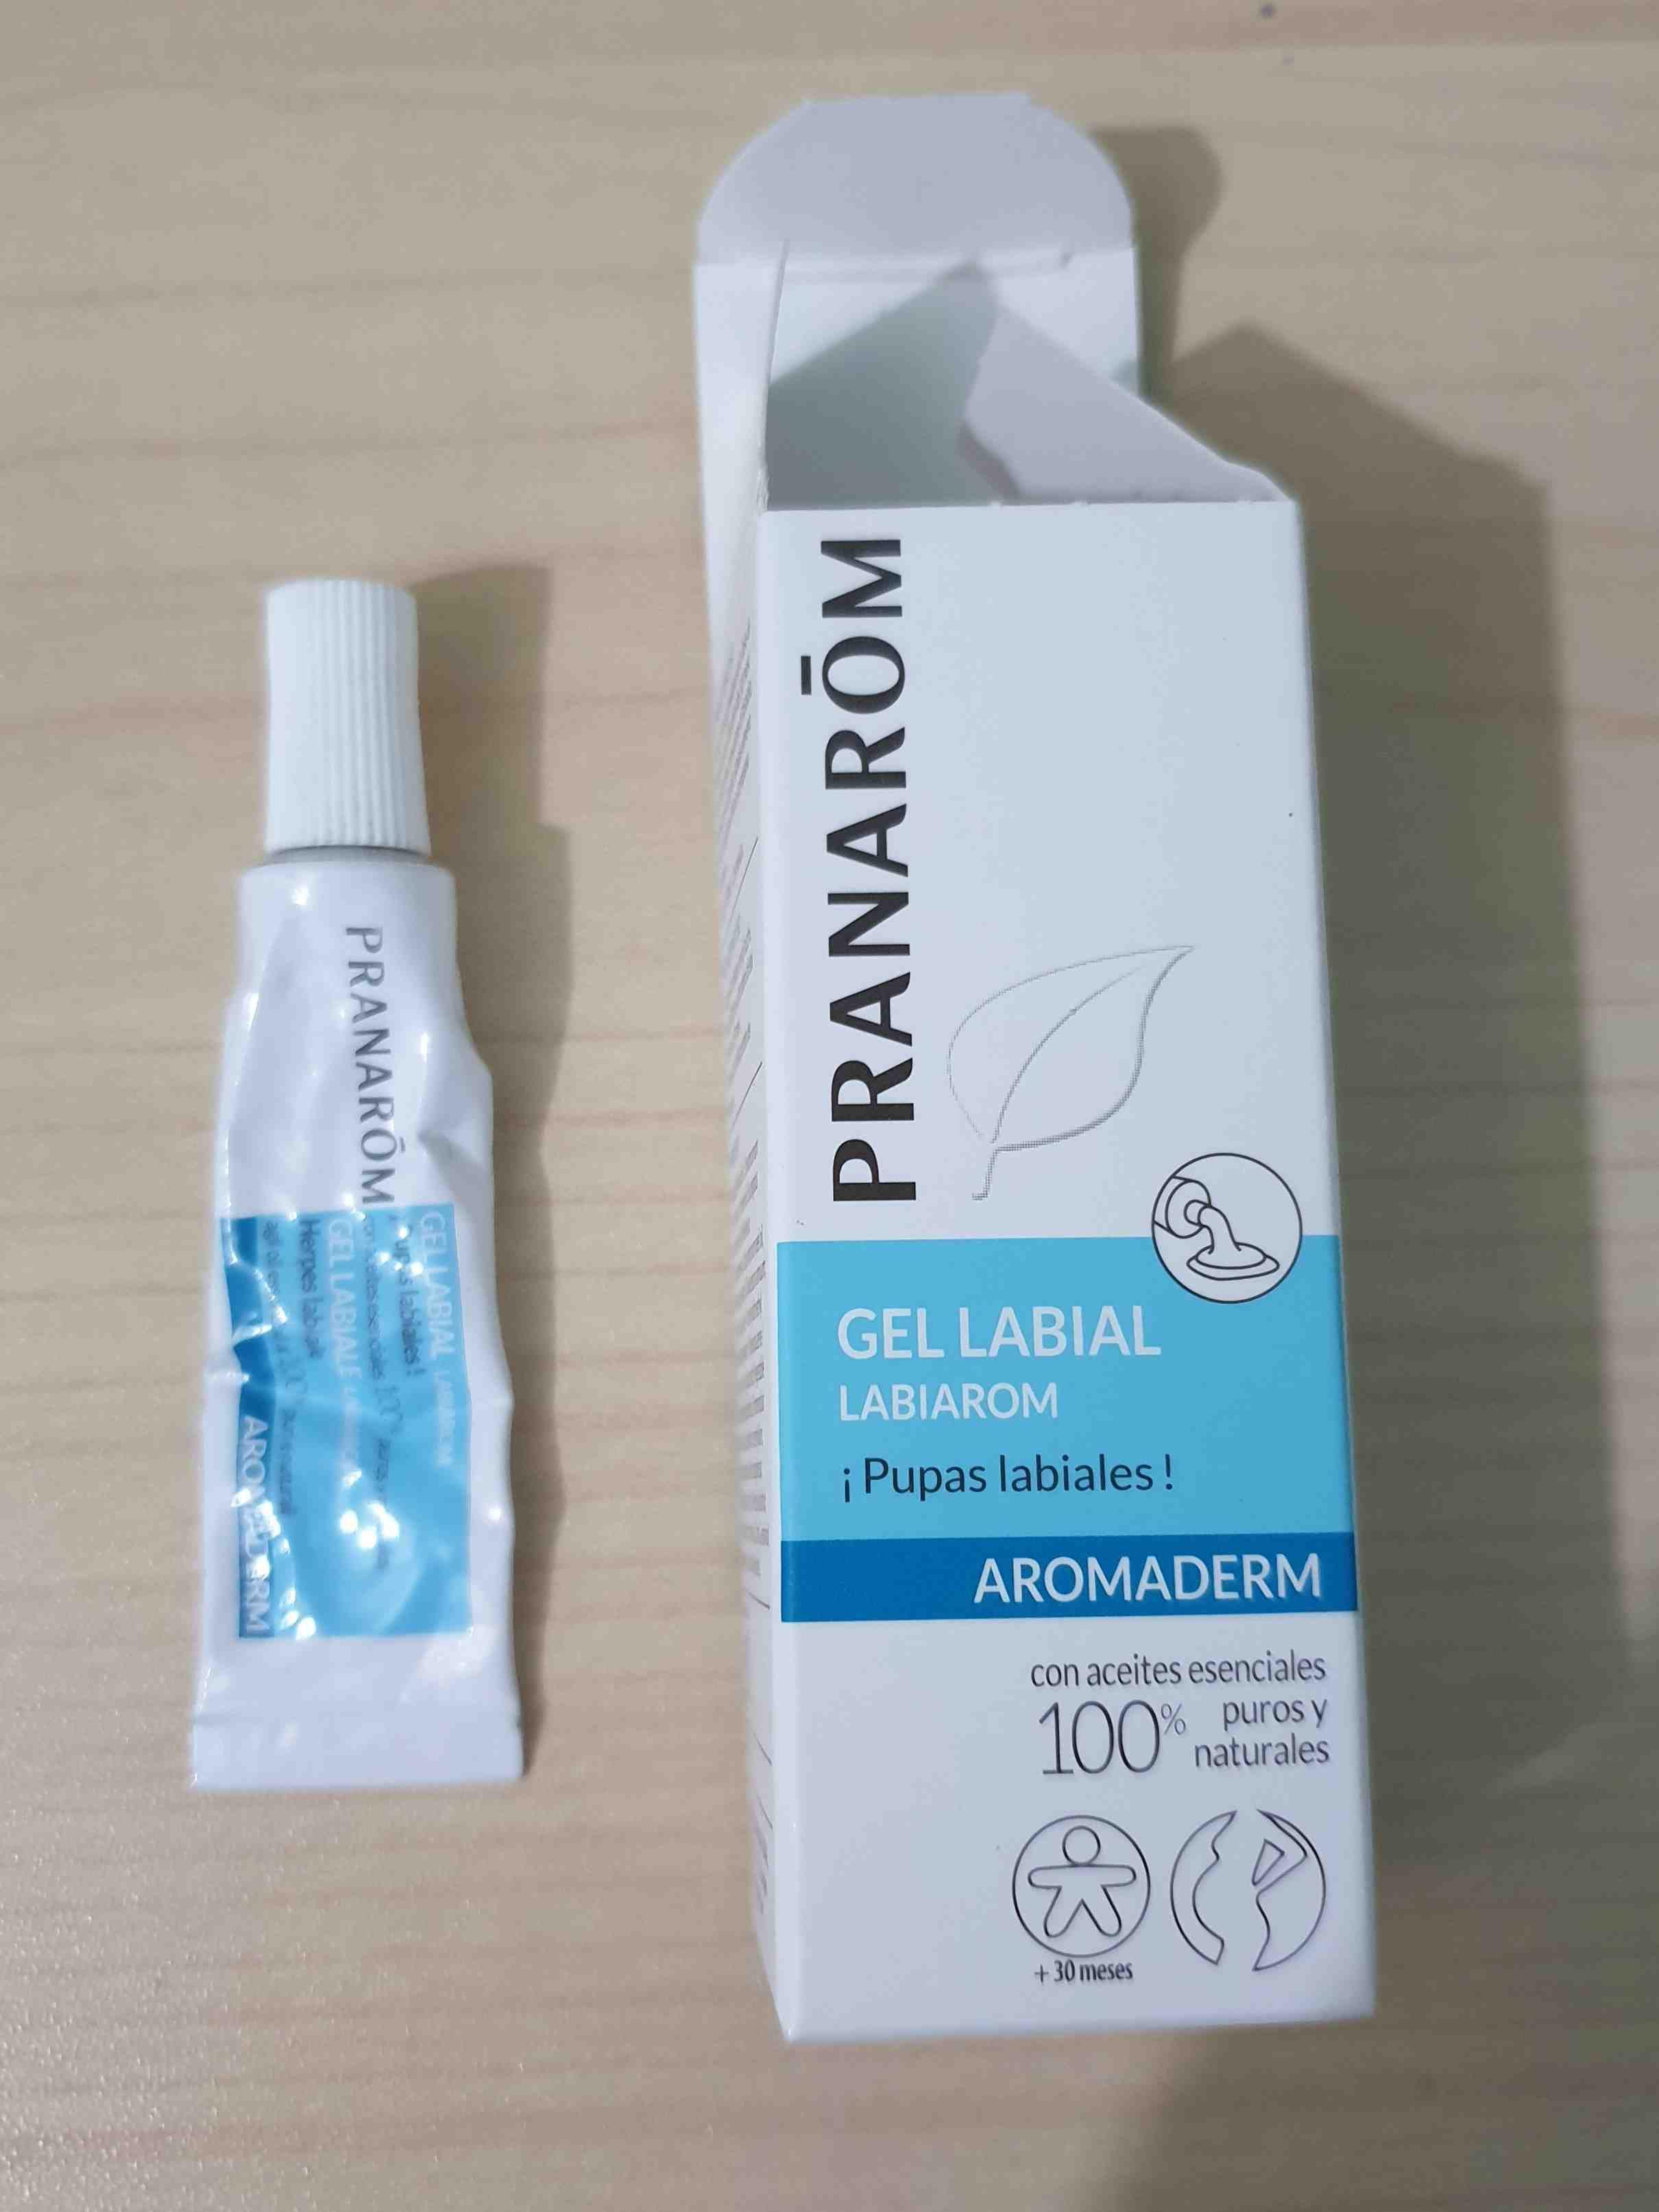 Aromaderm gel labial para pupas labiales - Product - en